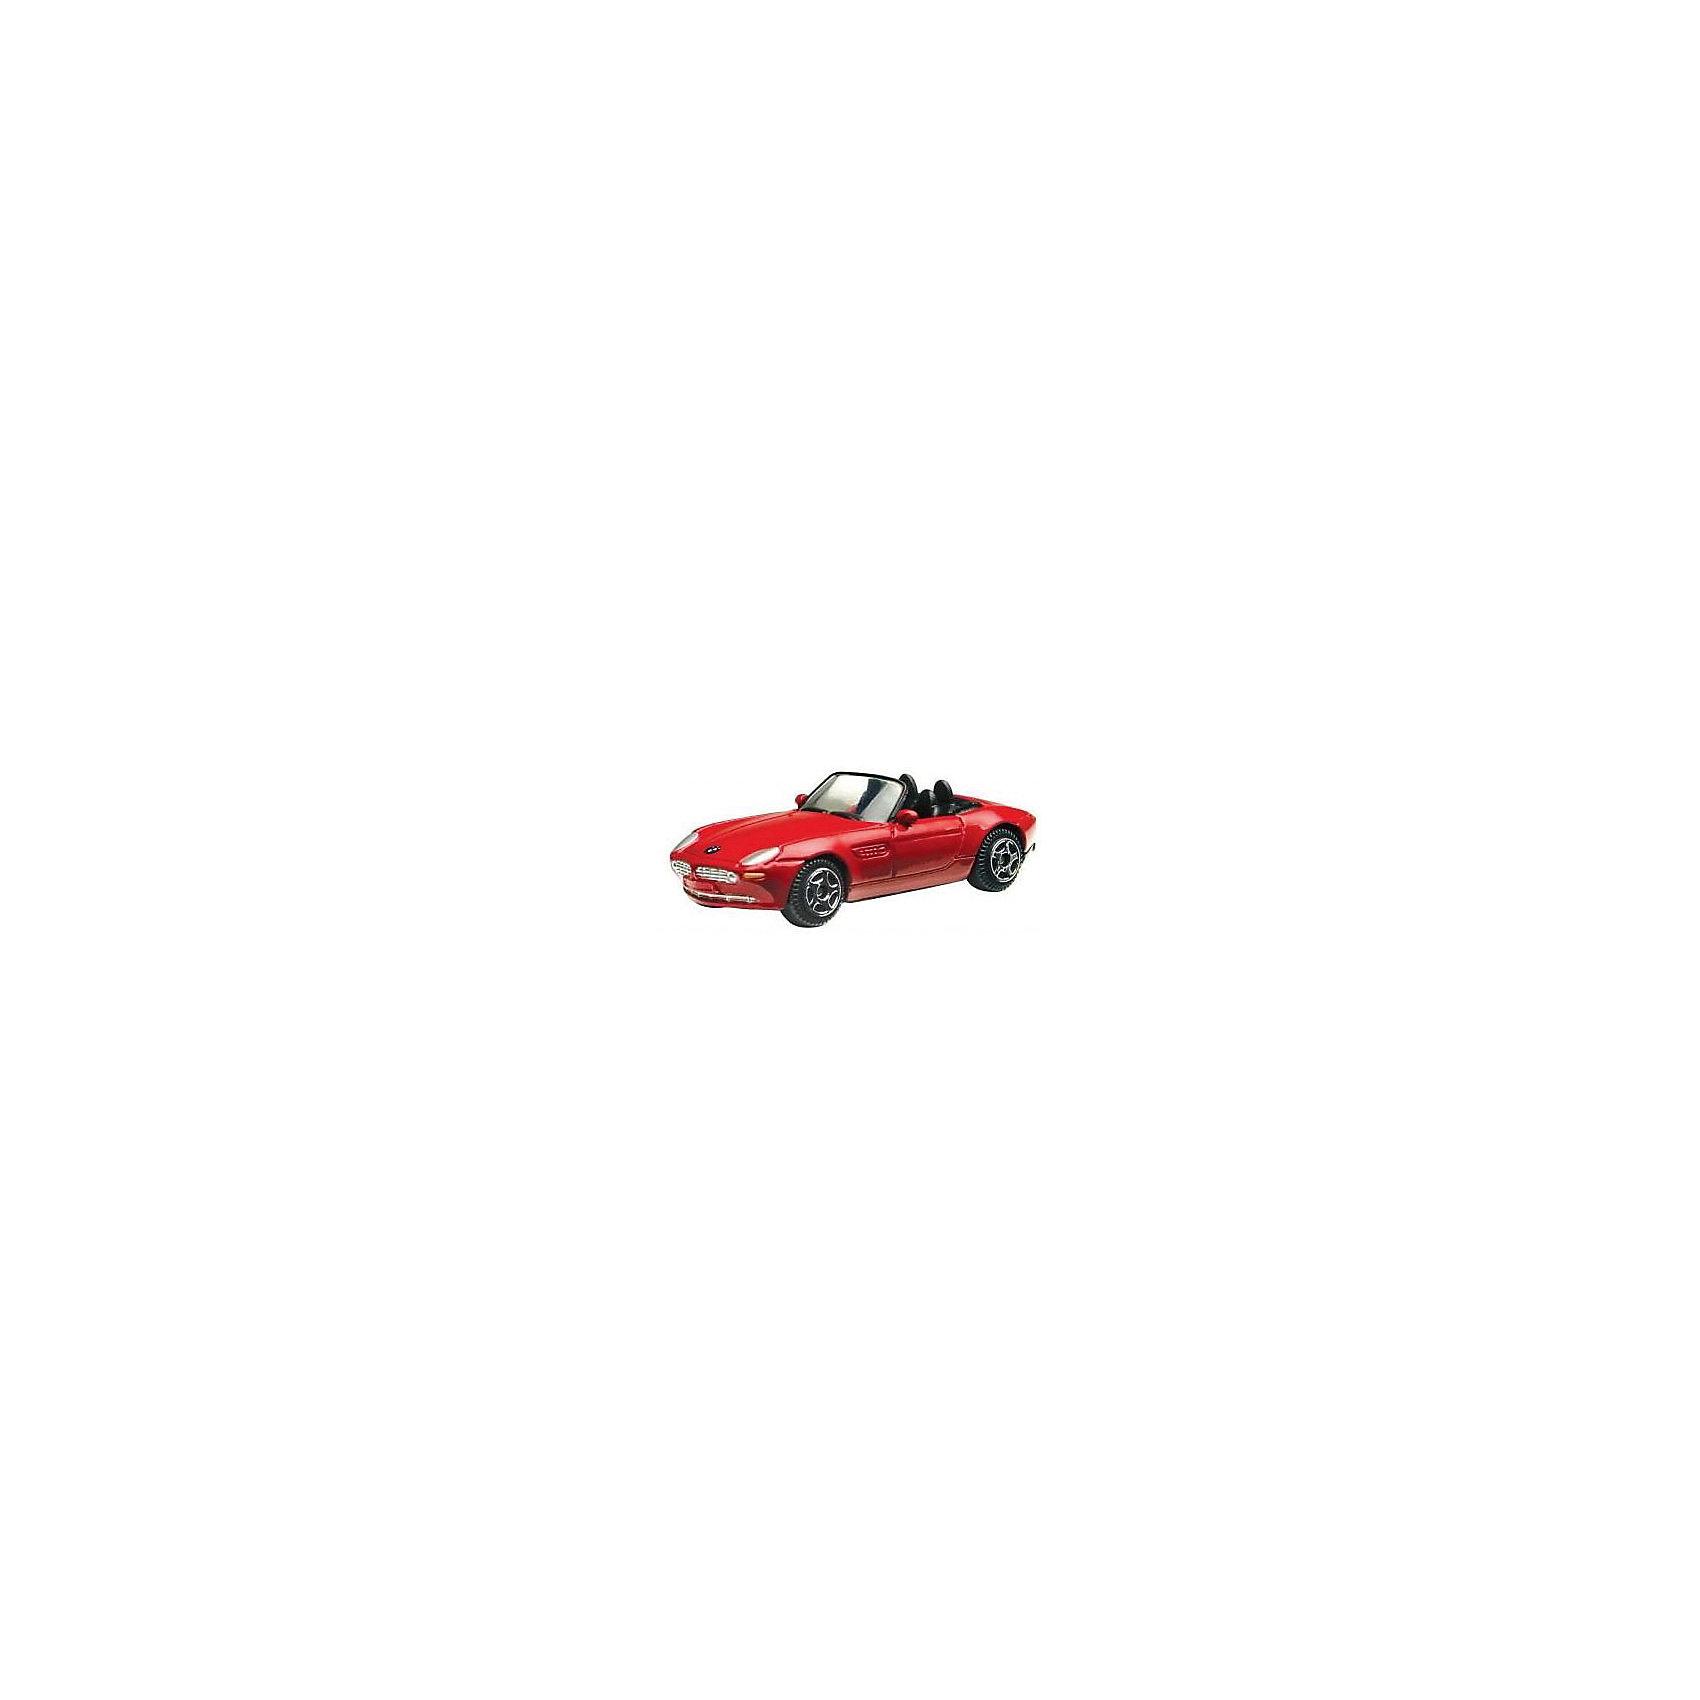 коллекционные машинки - Коллекционные машинки 1:64, Motormax